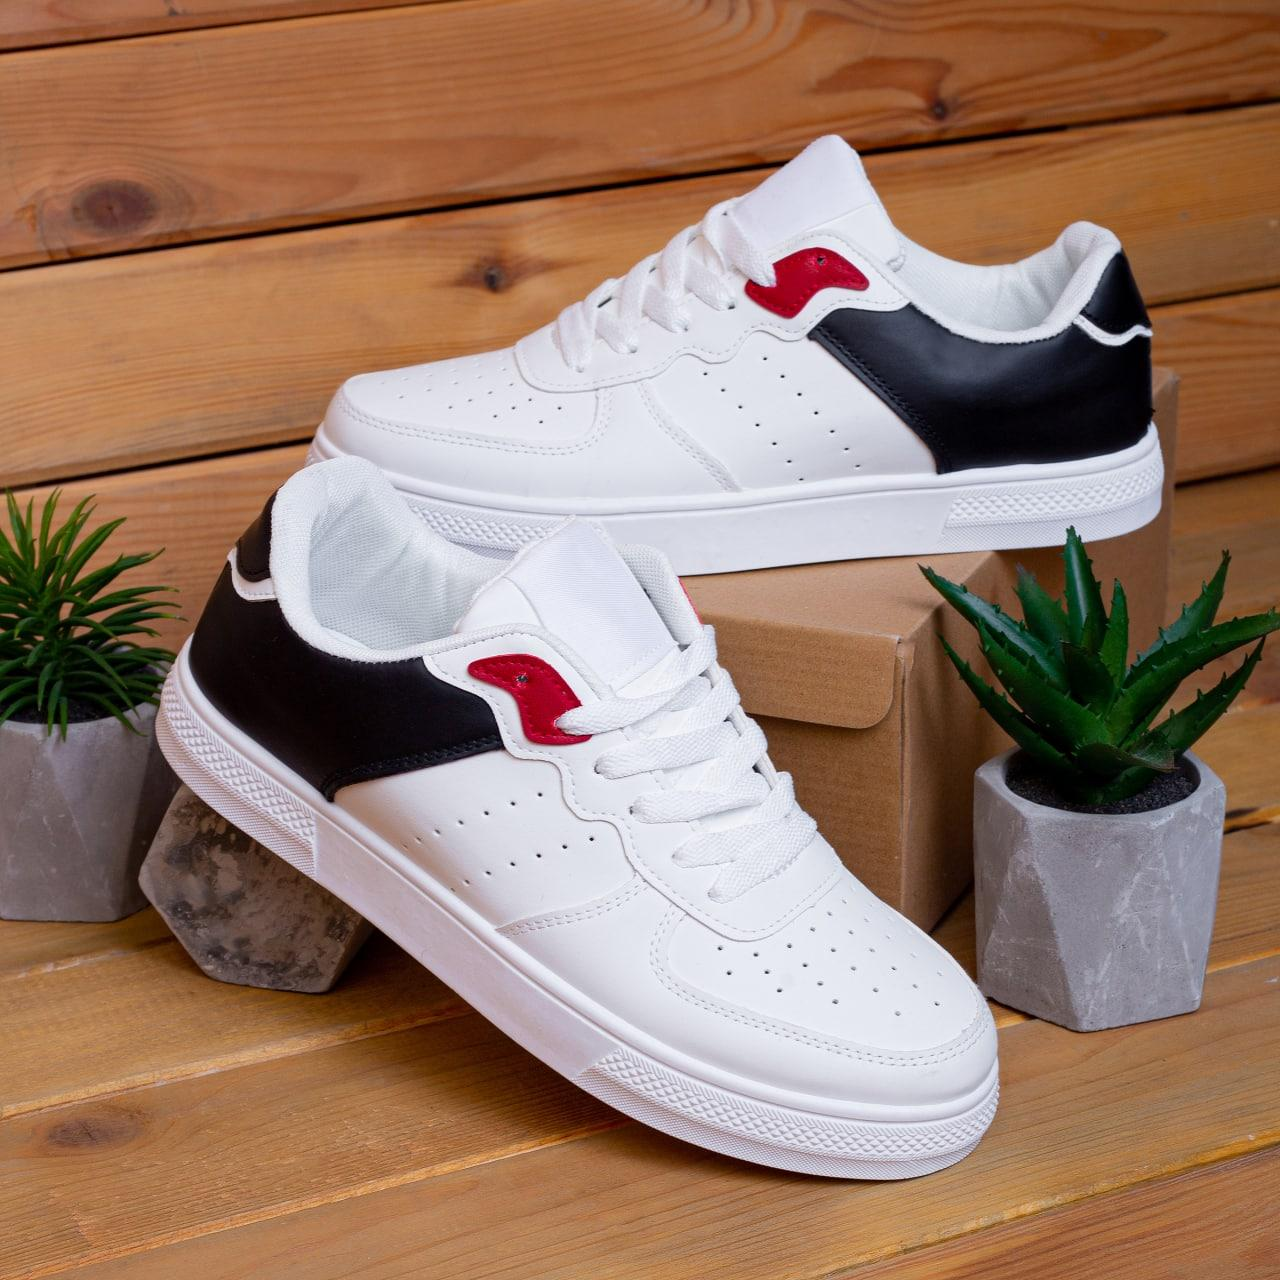 Мужские кроссовки Изи Форс (белые с черной вставкой) 40,43,44